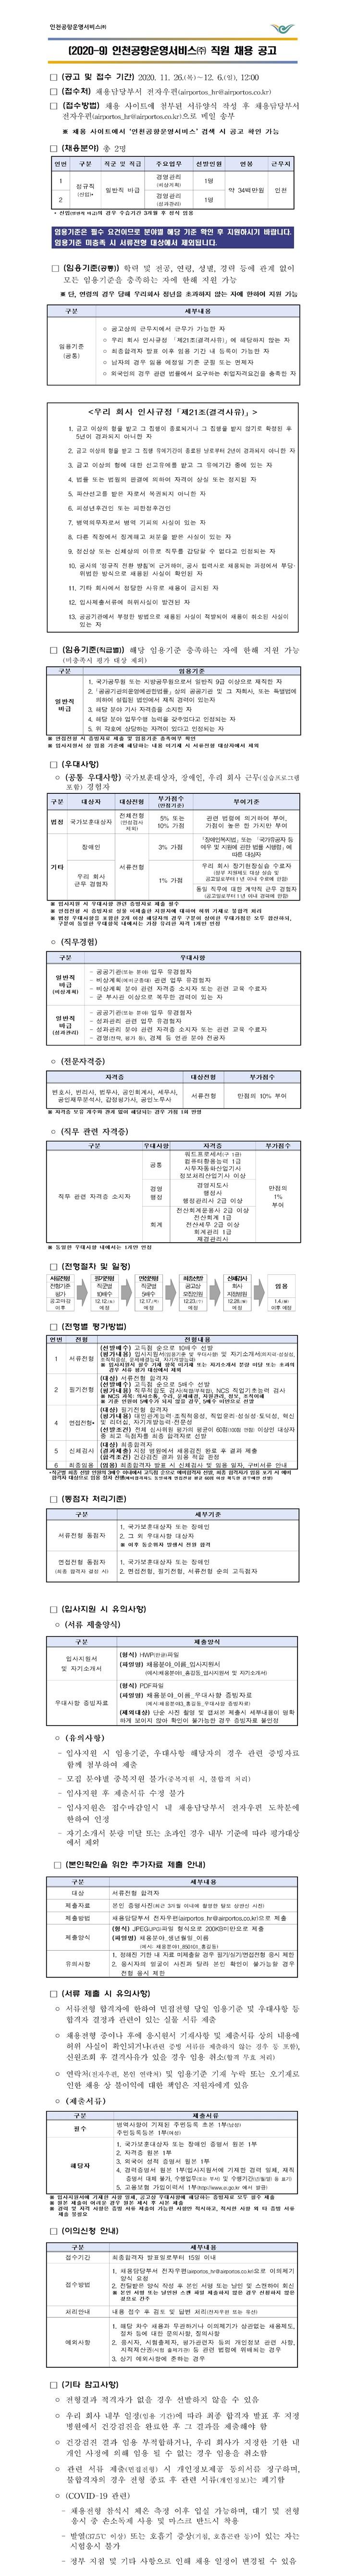 인천공항운영서비스_(2020-9)직원채용공고.jpg